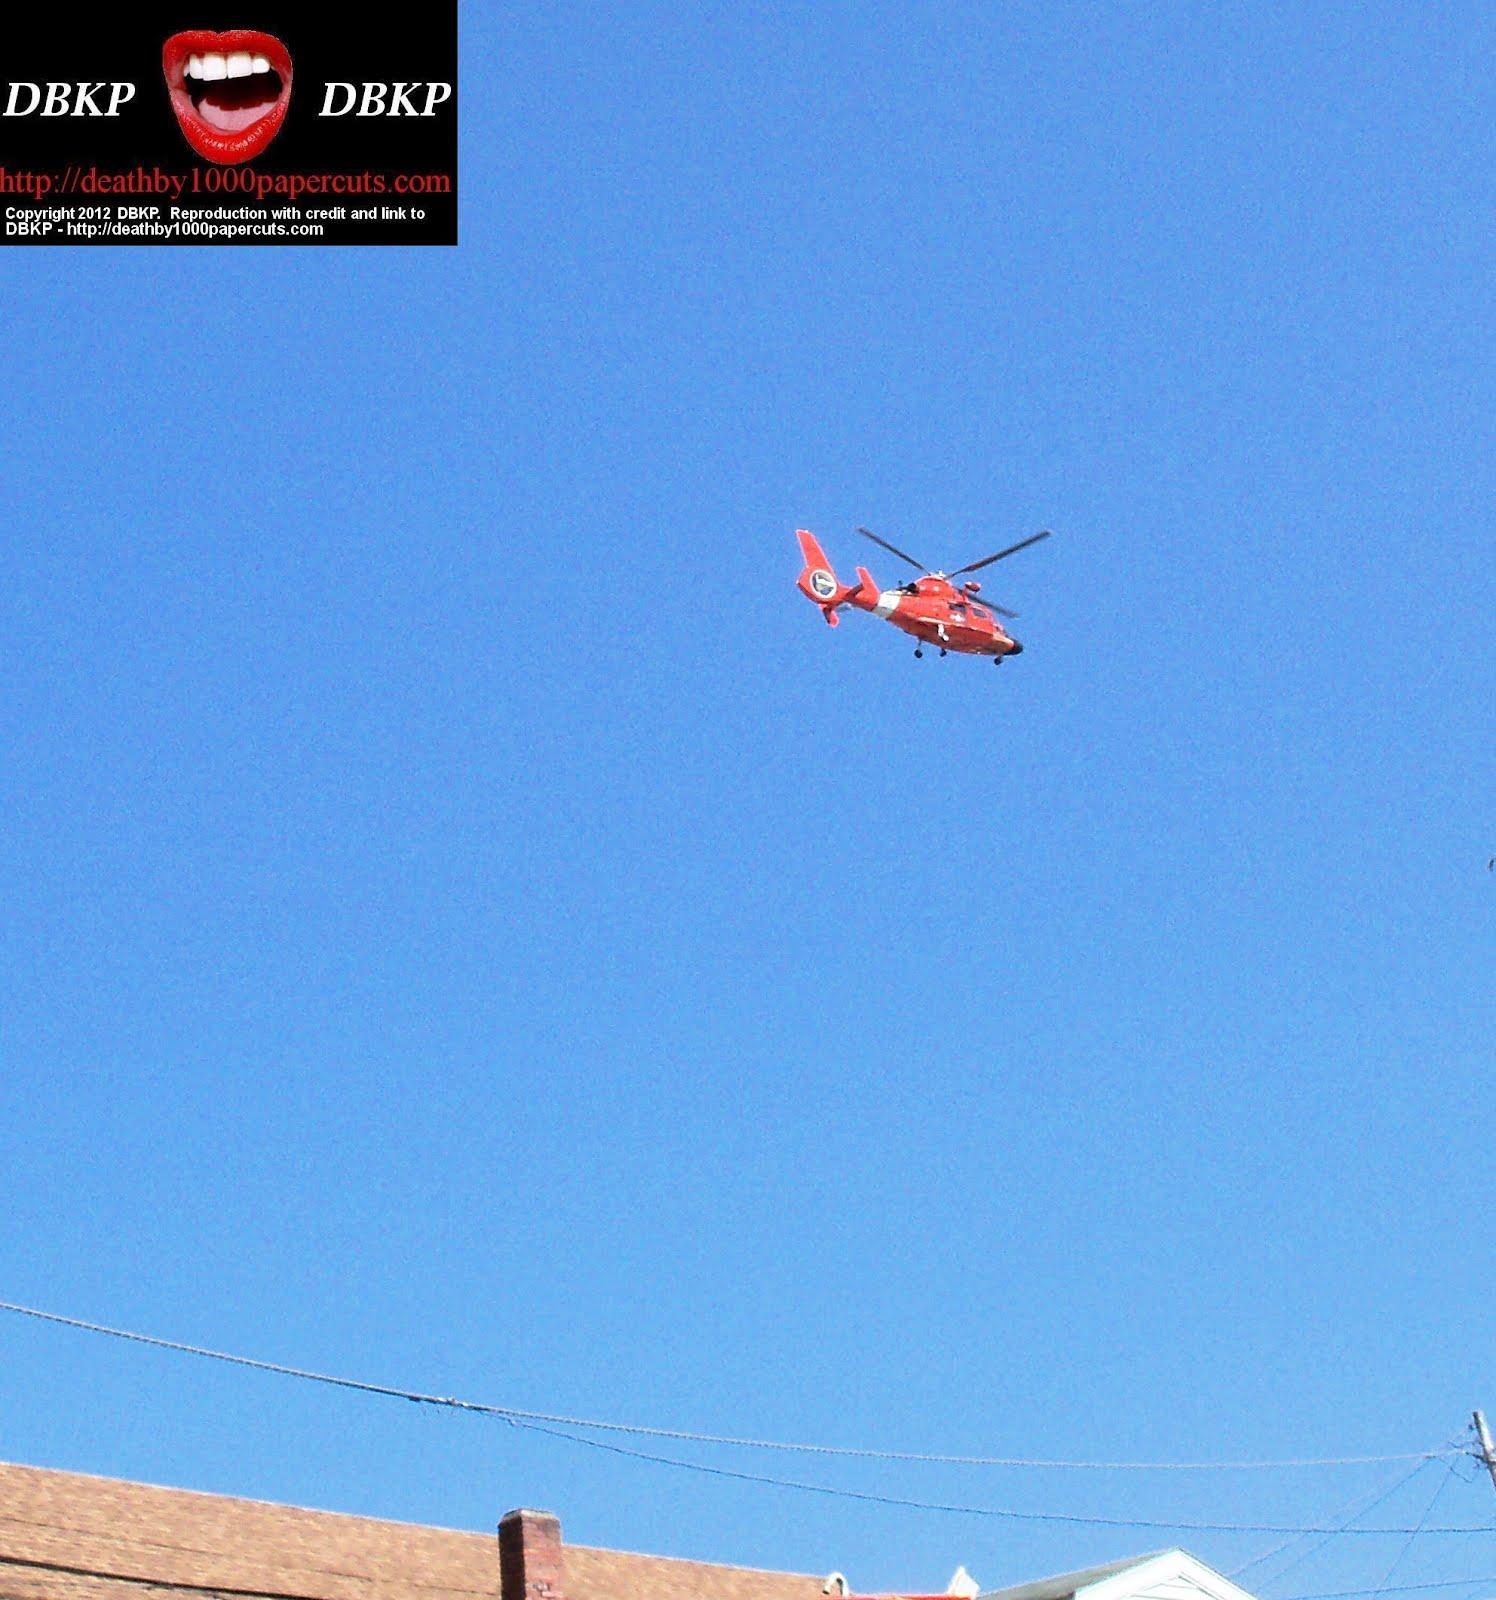 http://1.bp.blogspot.com/-0Sm_C_YLH7w/T7jWx_iPy0I/AAAAAAAAXqU/_EgxFmC8oRo/s1600/Biden-MF-helicopter-1-0517-2012.jpg